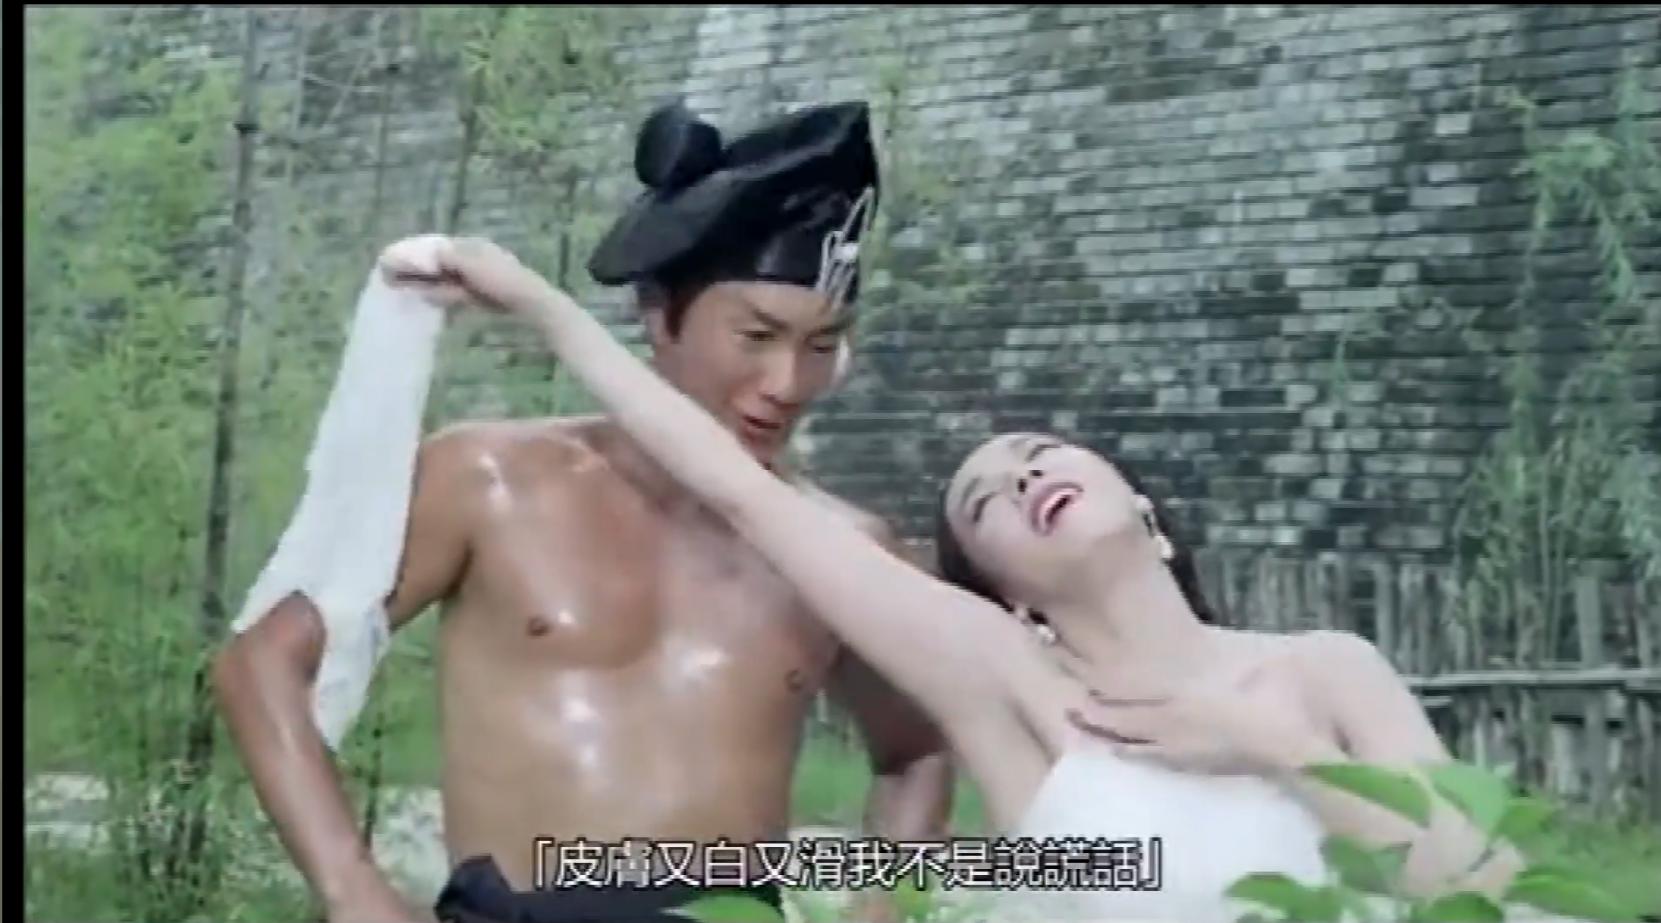 #电影片段#潘金莲的皮肤真好,准备和武松暧昧一下,武大郎气的诈尸了